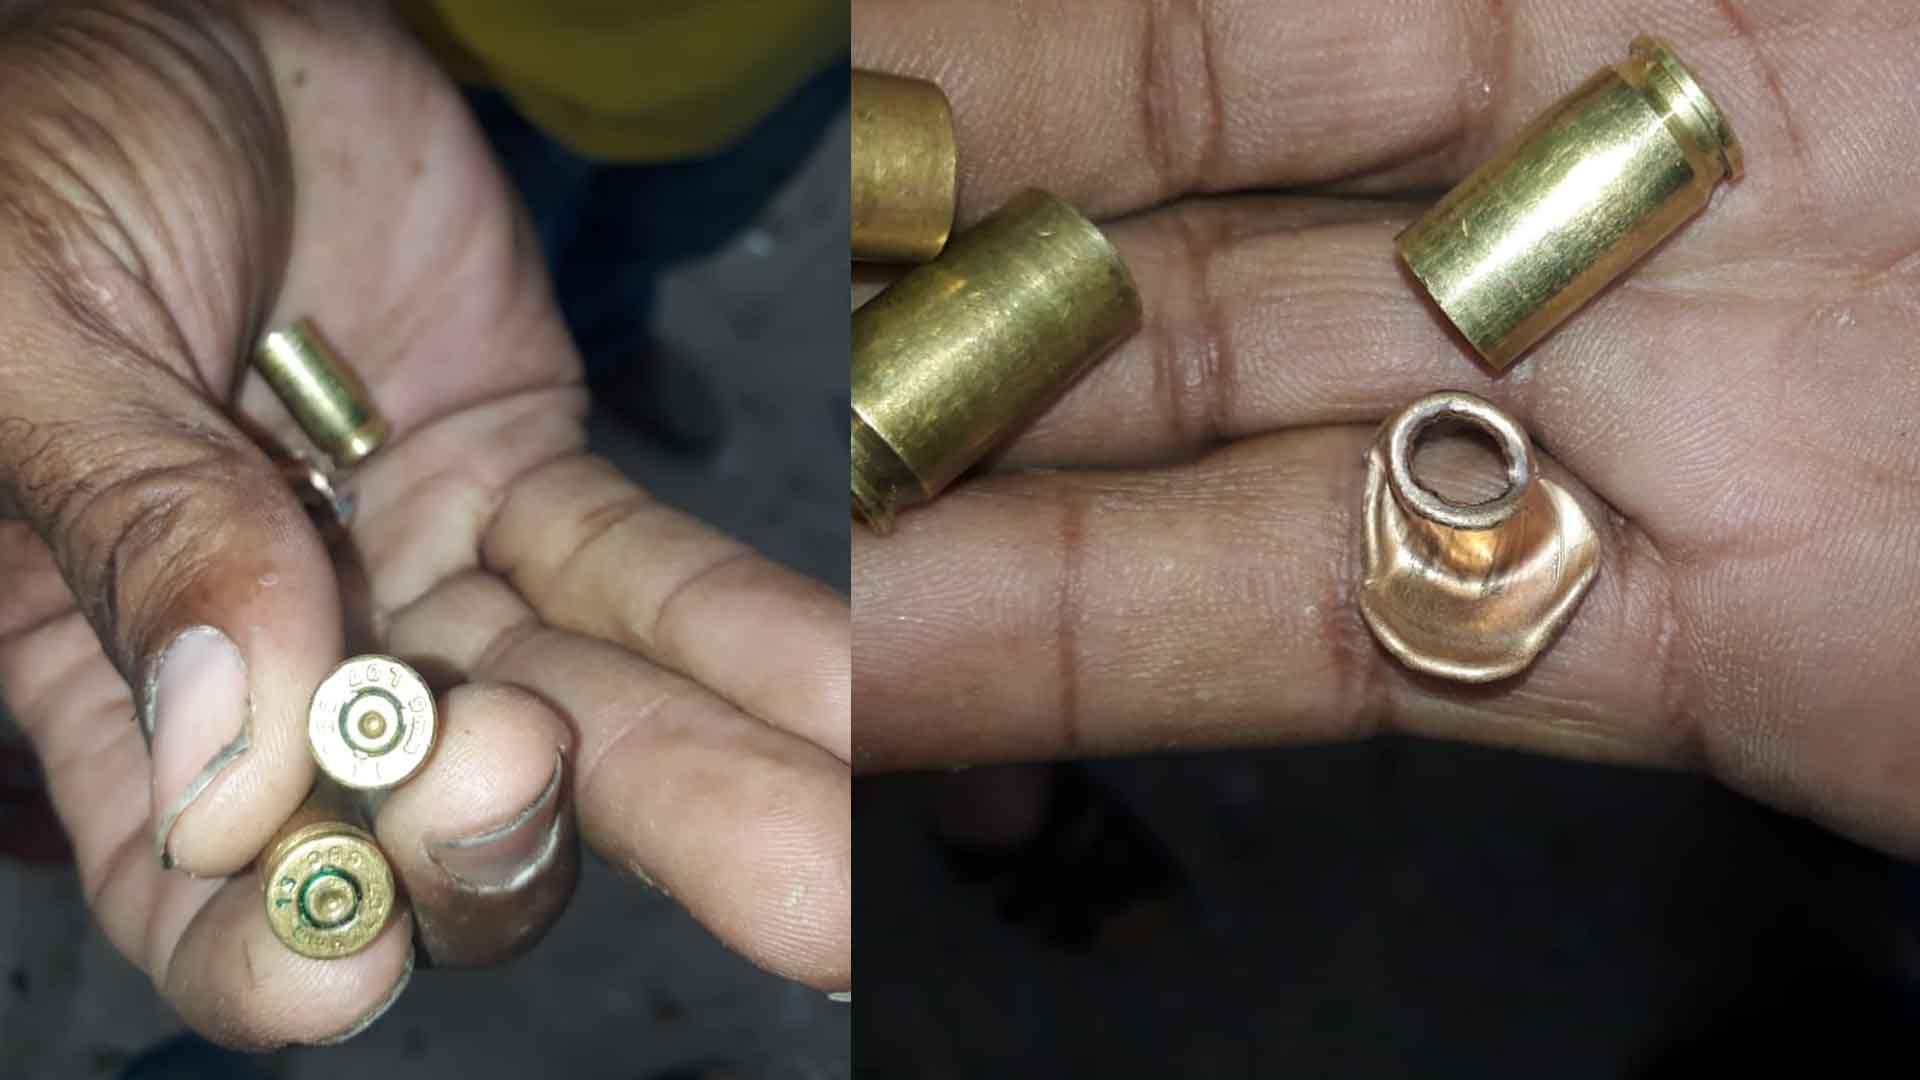 Casquillos de las balas que, según los familiares, habrían impactado a la víctima.